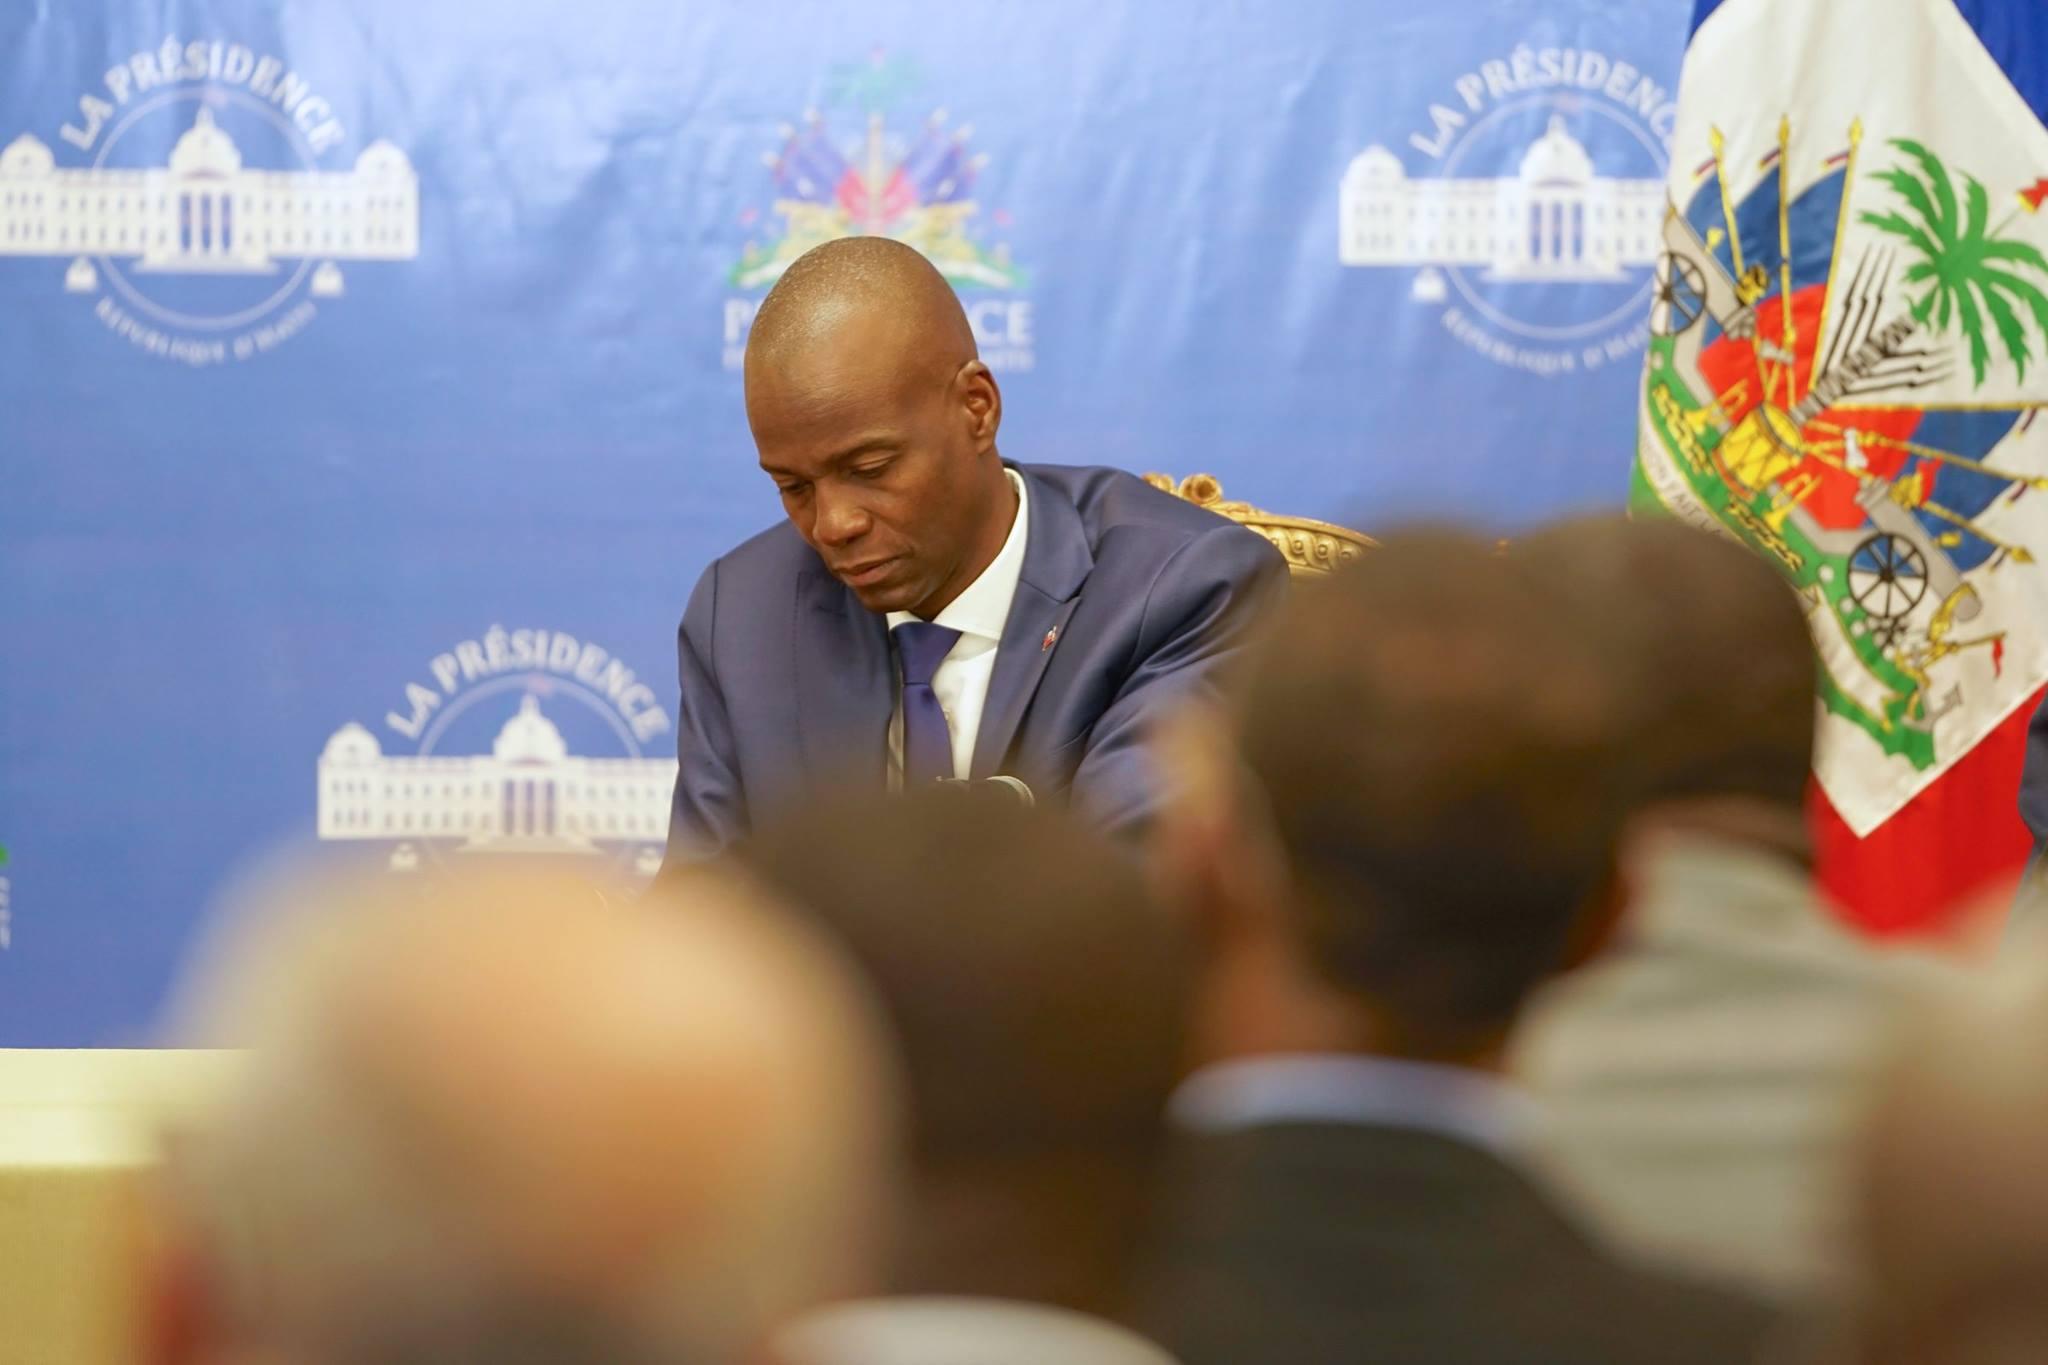 Le président Jovenel Moise au palais National, 11 octobre 2017./ Photo : Président Jovenel Moise (Facebook)